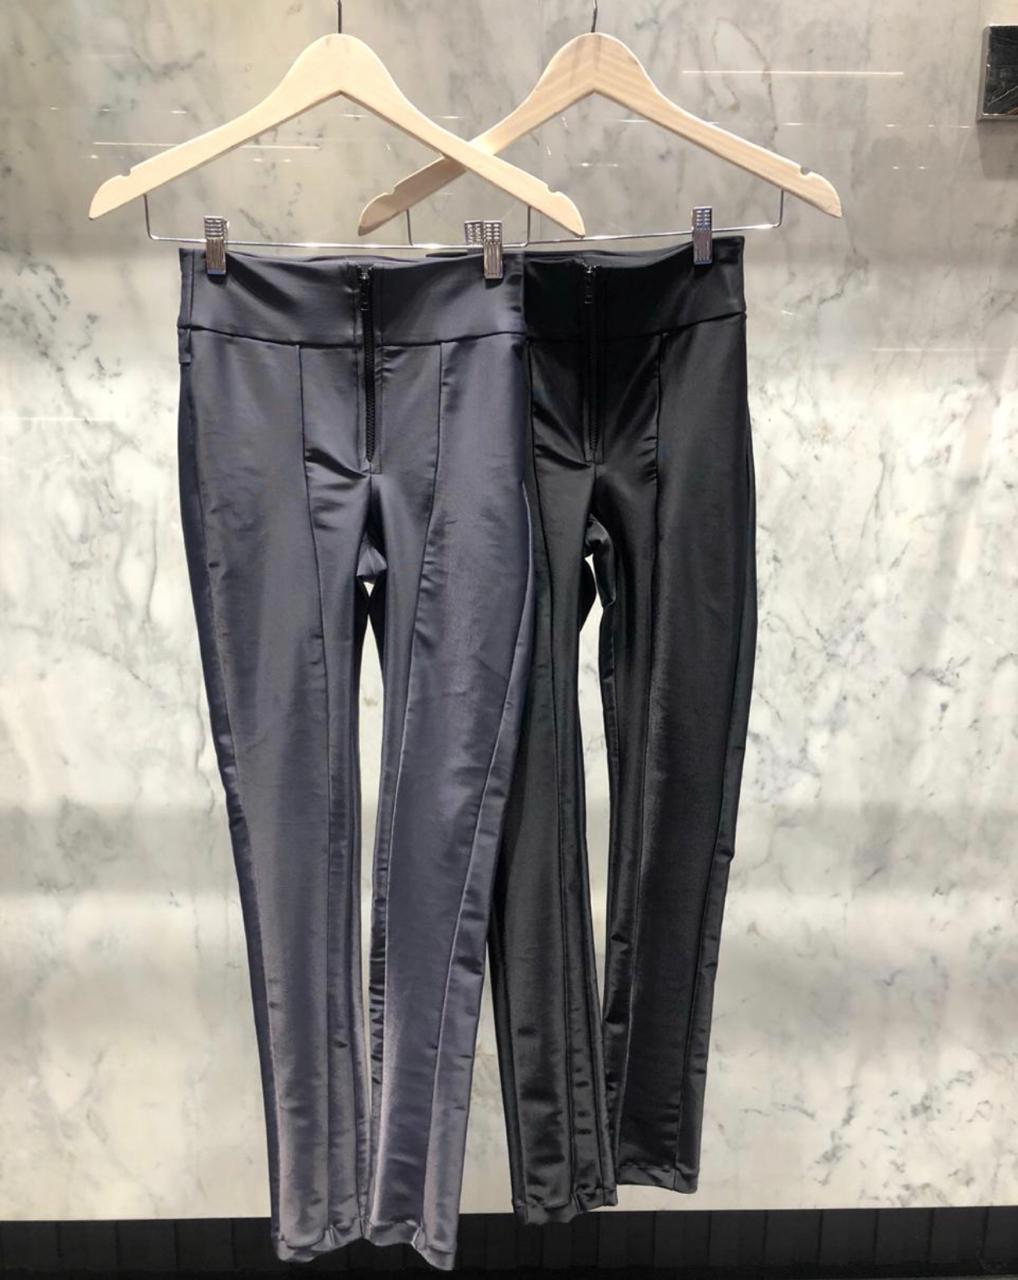 Calça Morina Power Com Zipper Frontal Skinny Cores Cinza e Preto